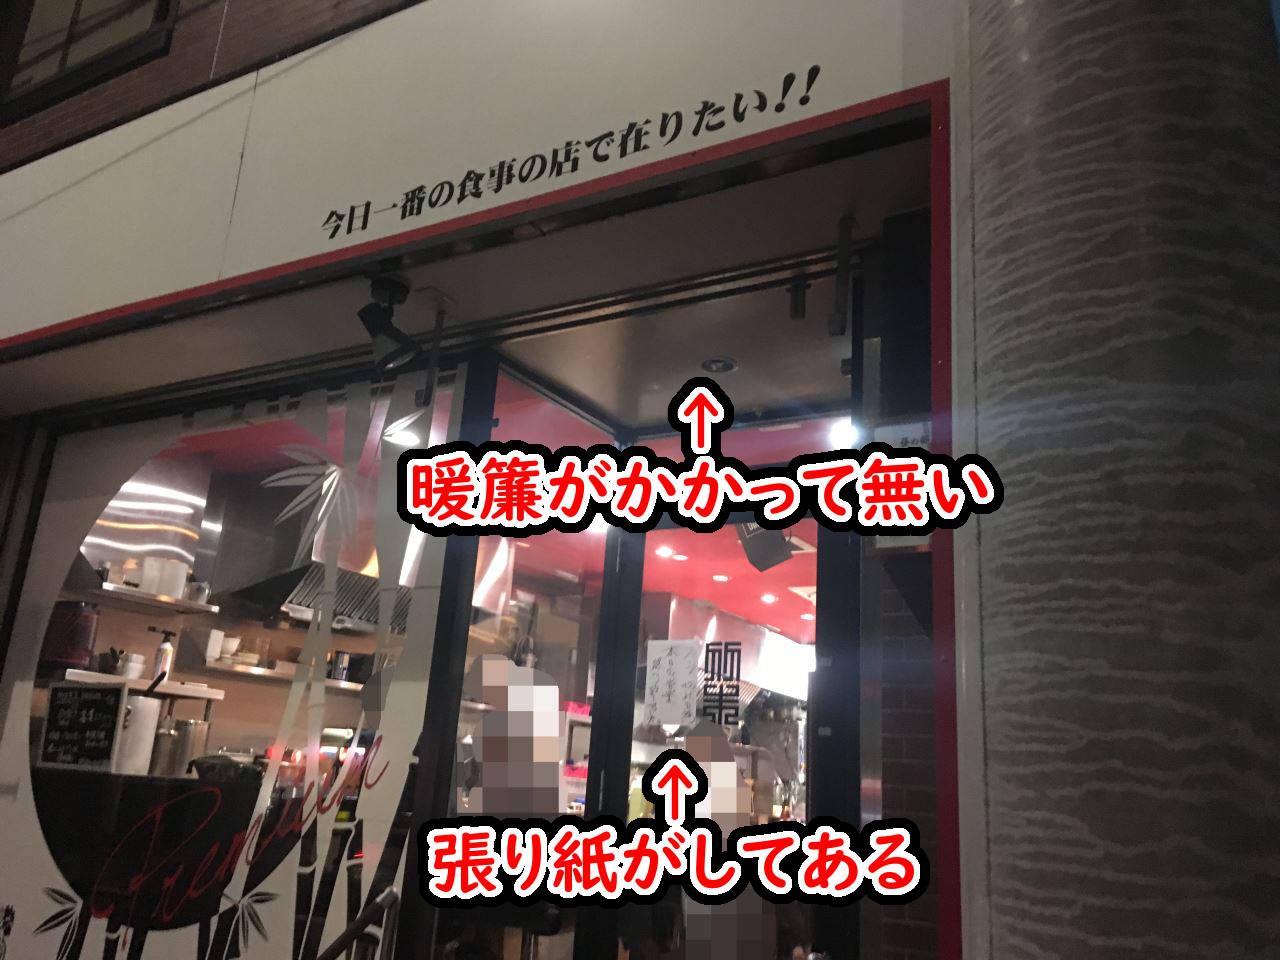 2019年3月2日の竹末東京プレミアム